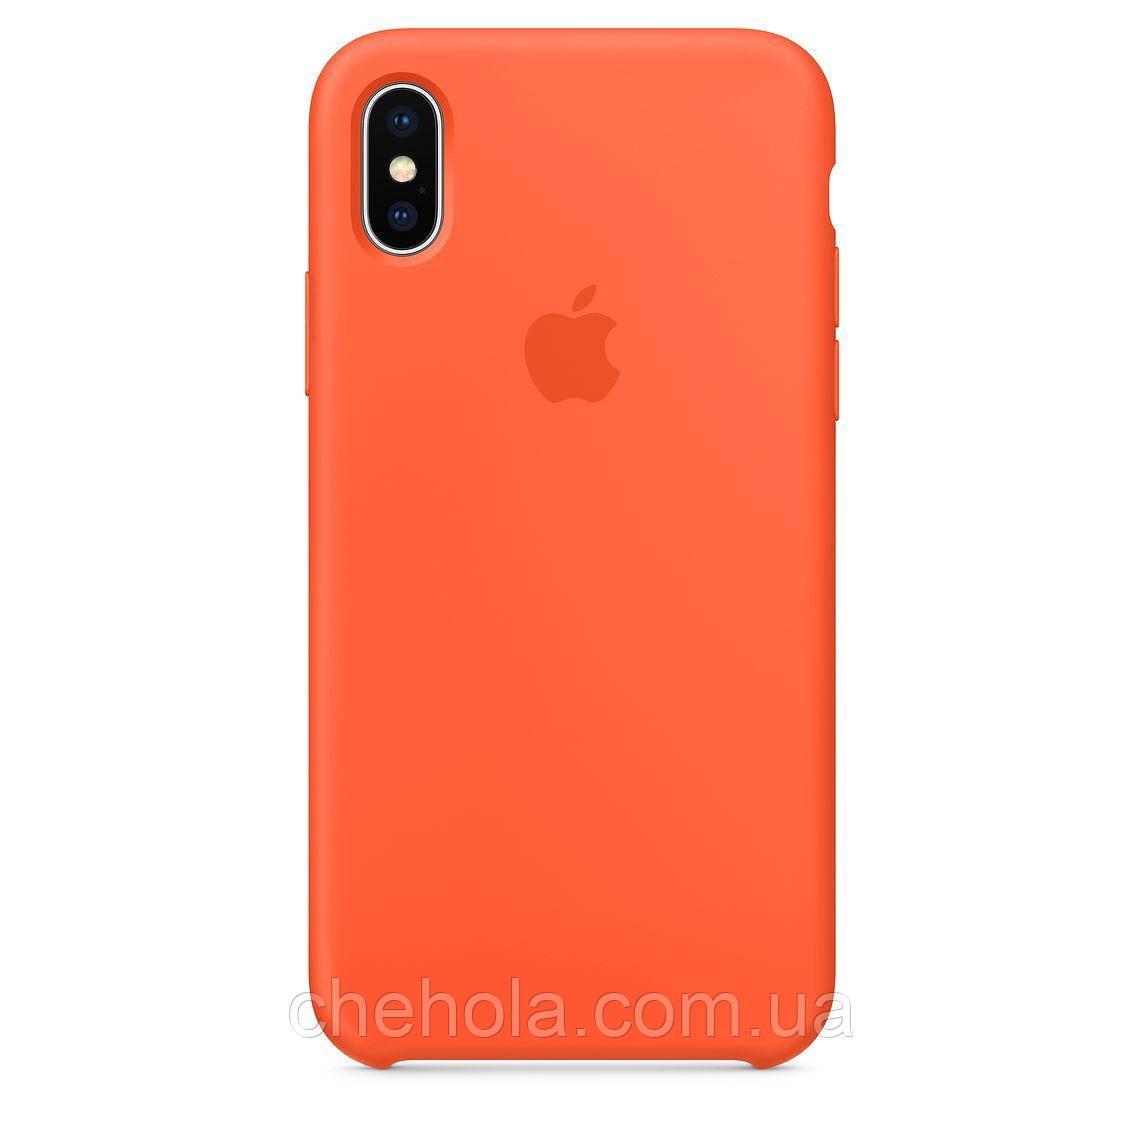 Чехол на iPhone X XS  Силиконовый противоударный Silicone Case Orange Оранжевый